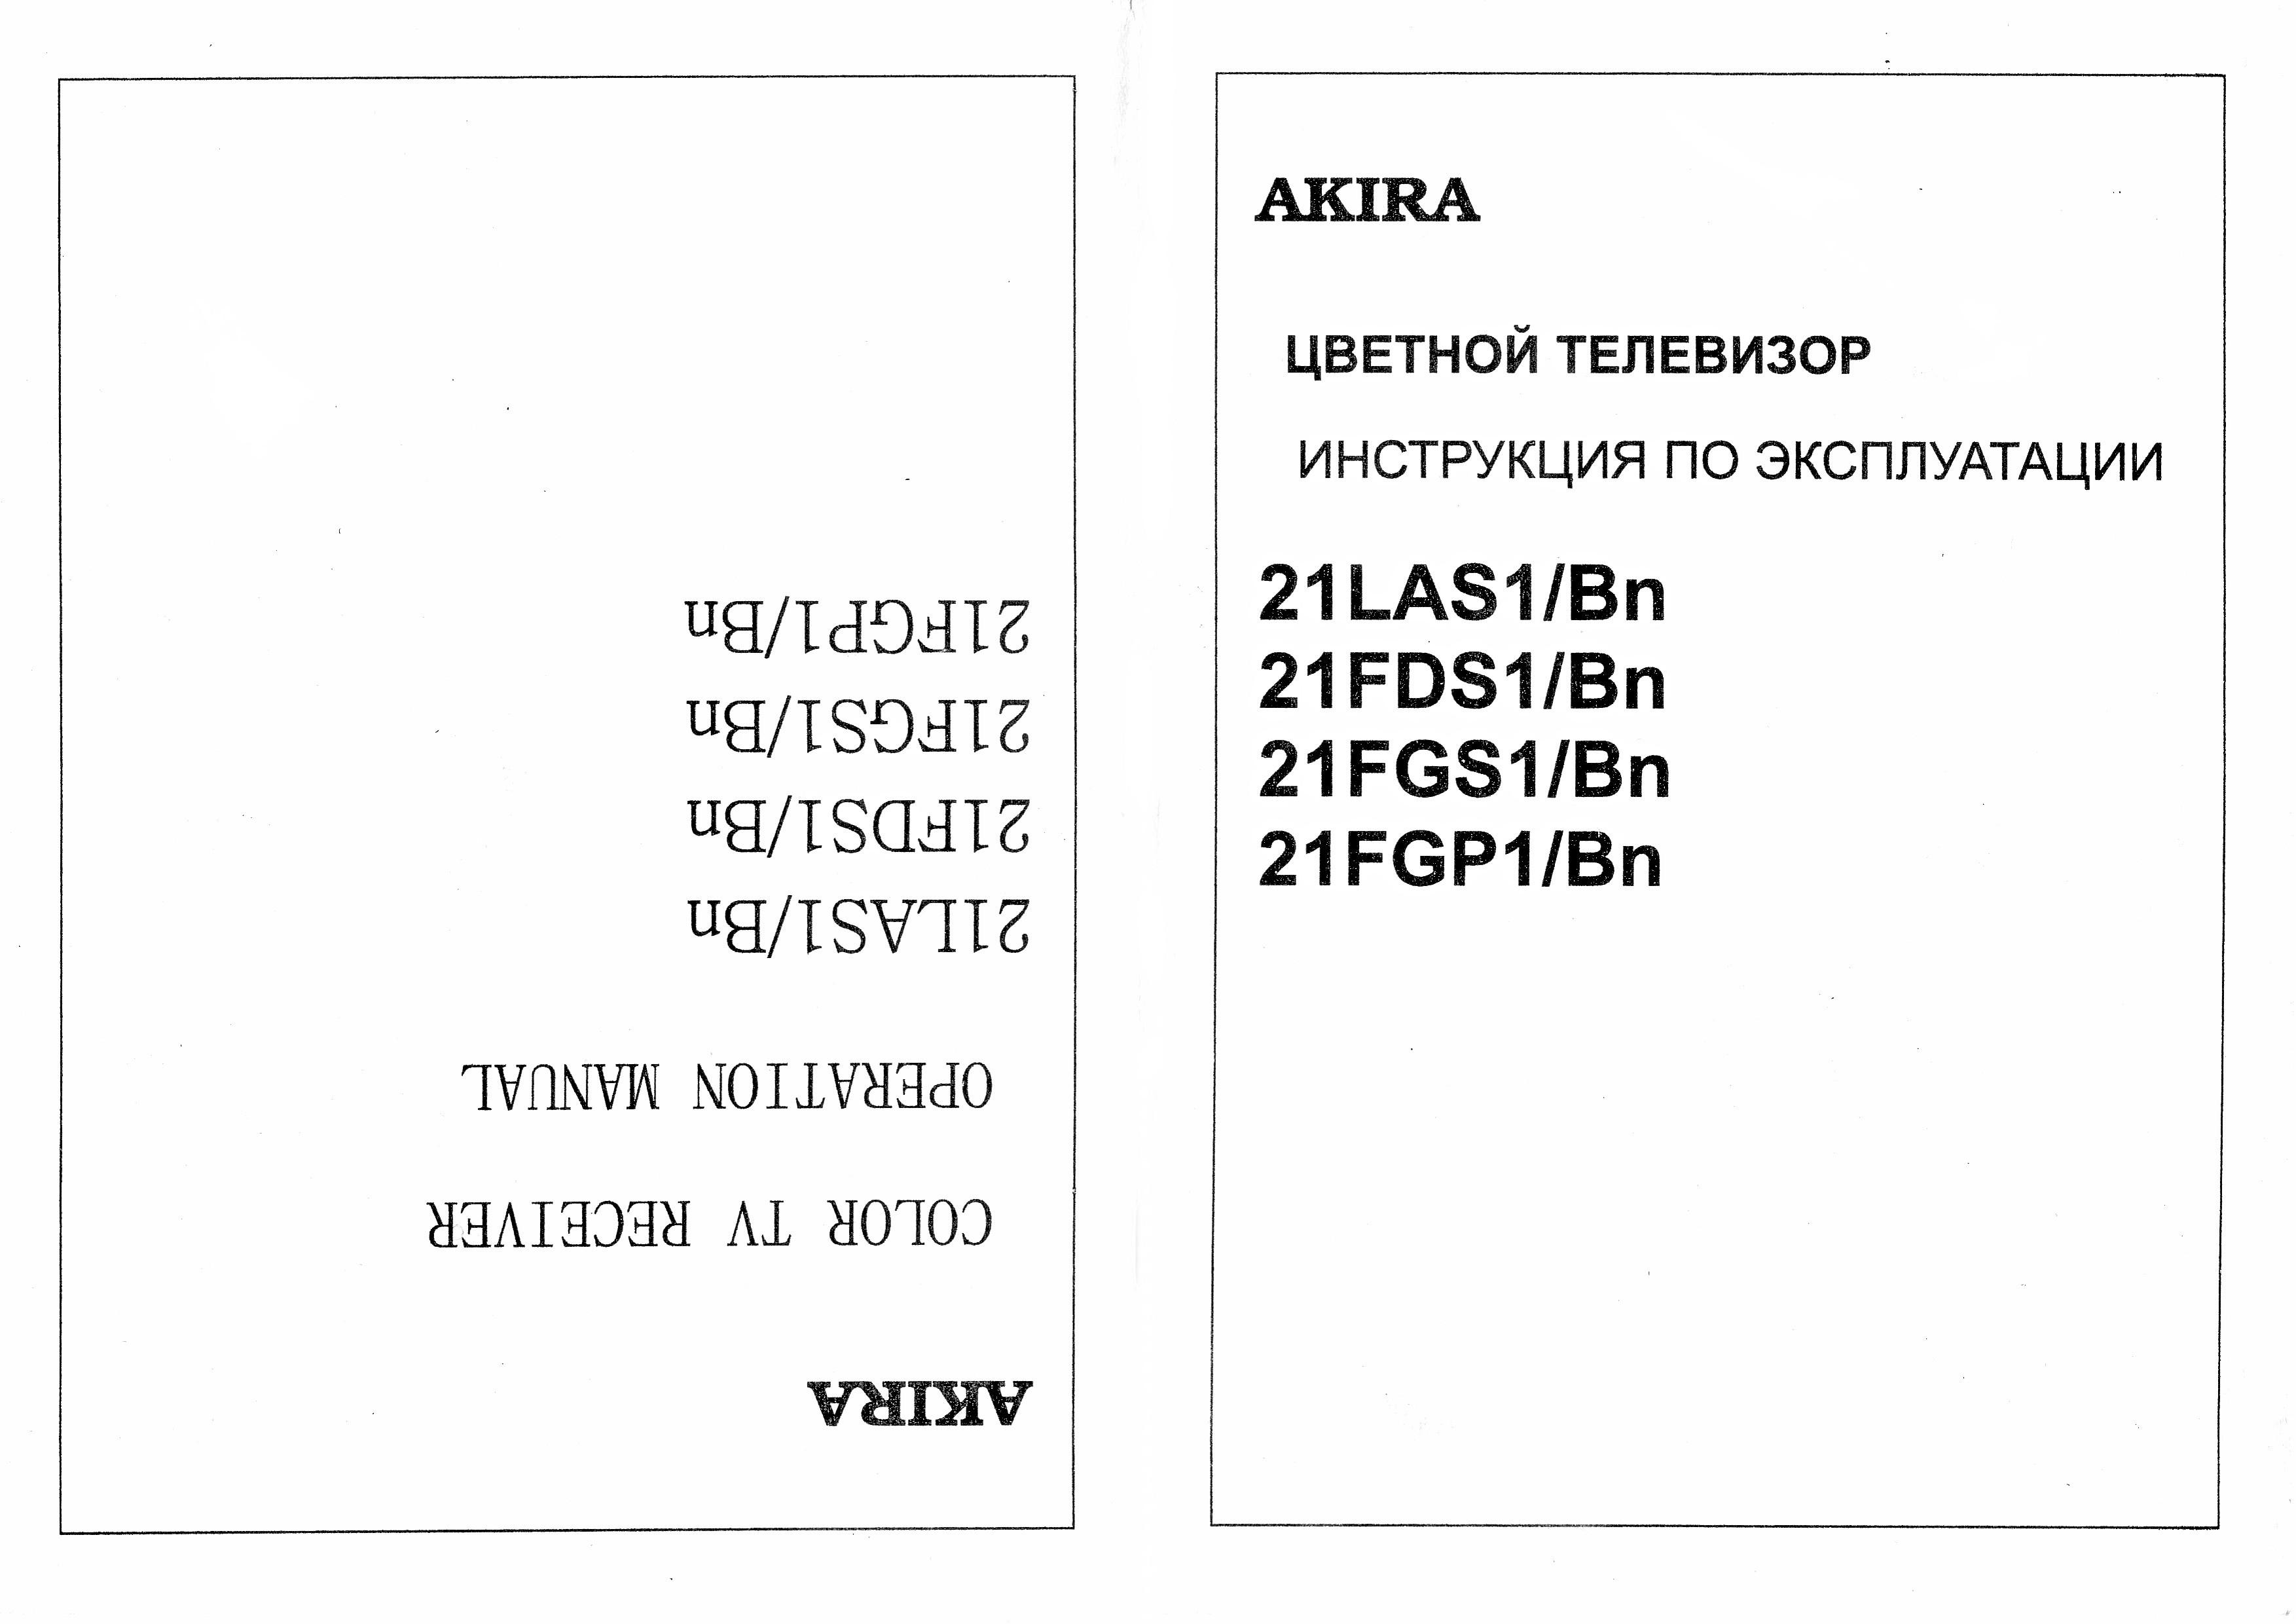 Инструкция телевизора akira